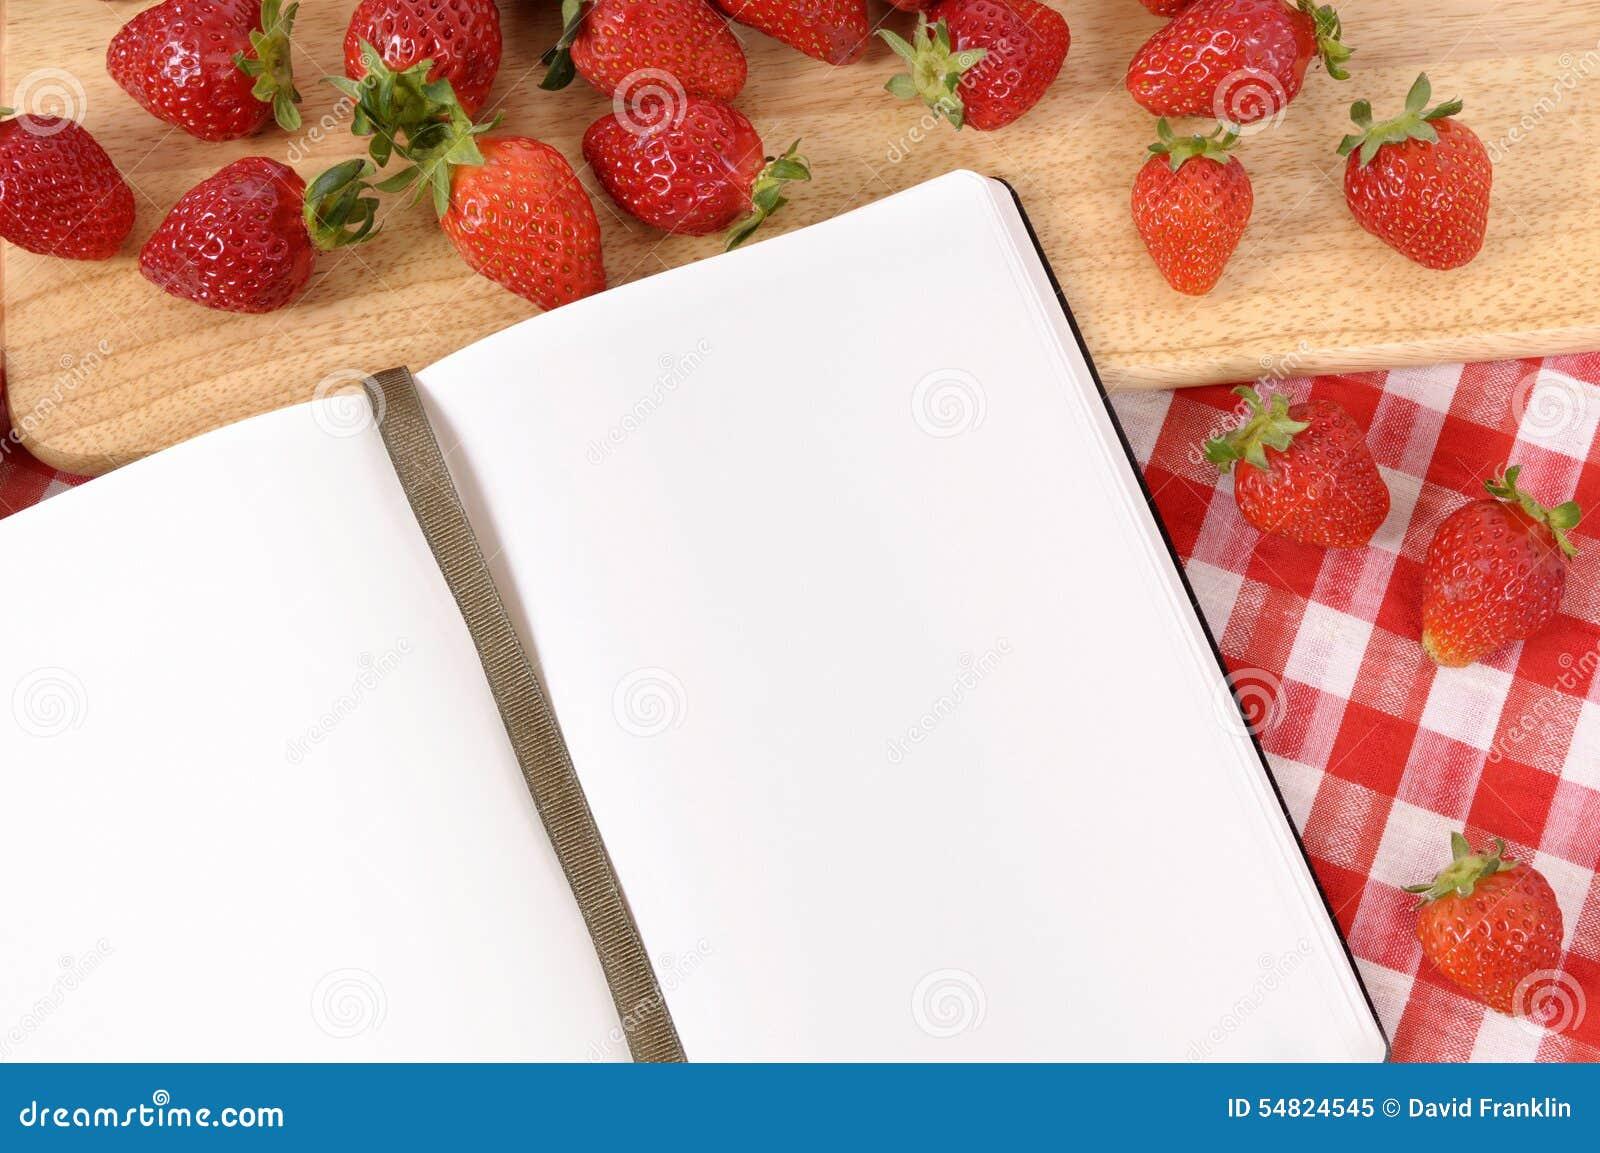 erdbeeren hintergrund rezeptbuch kochbuch kopienraum stockbild bild von leerzeichen. Black Bedroom Furniture Sets. Home Design Ideas